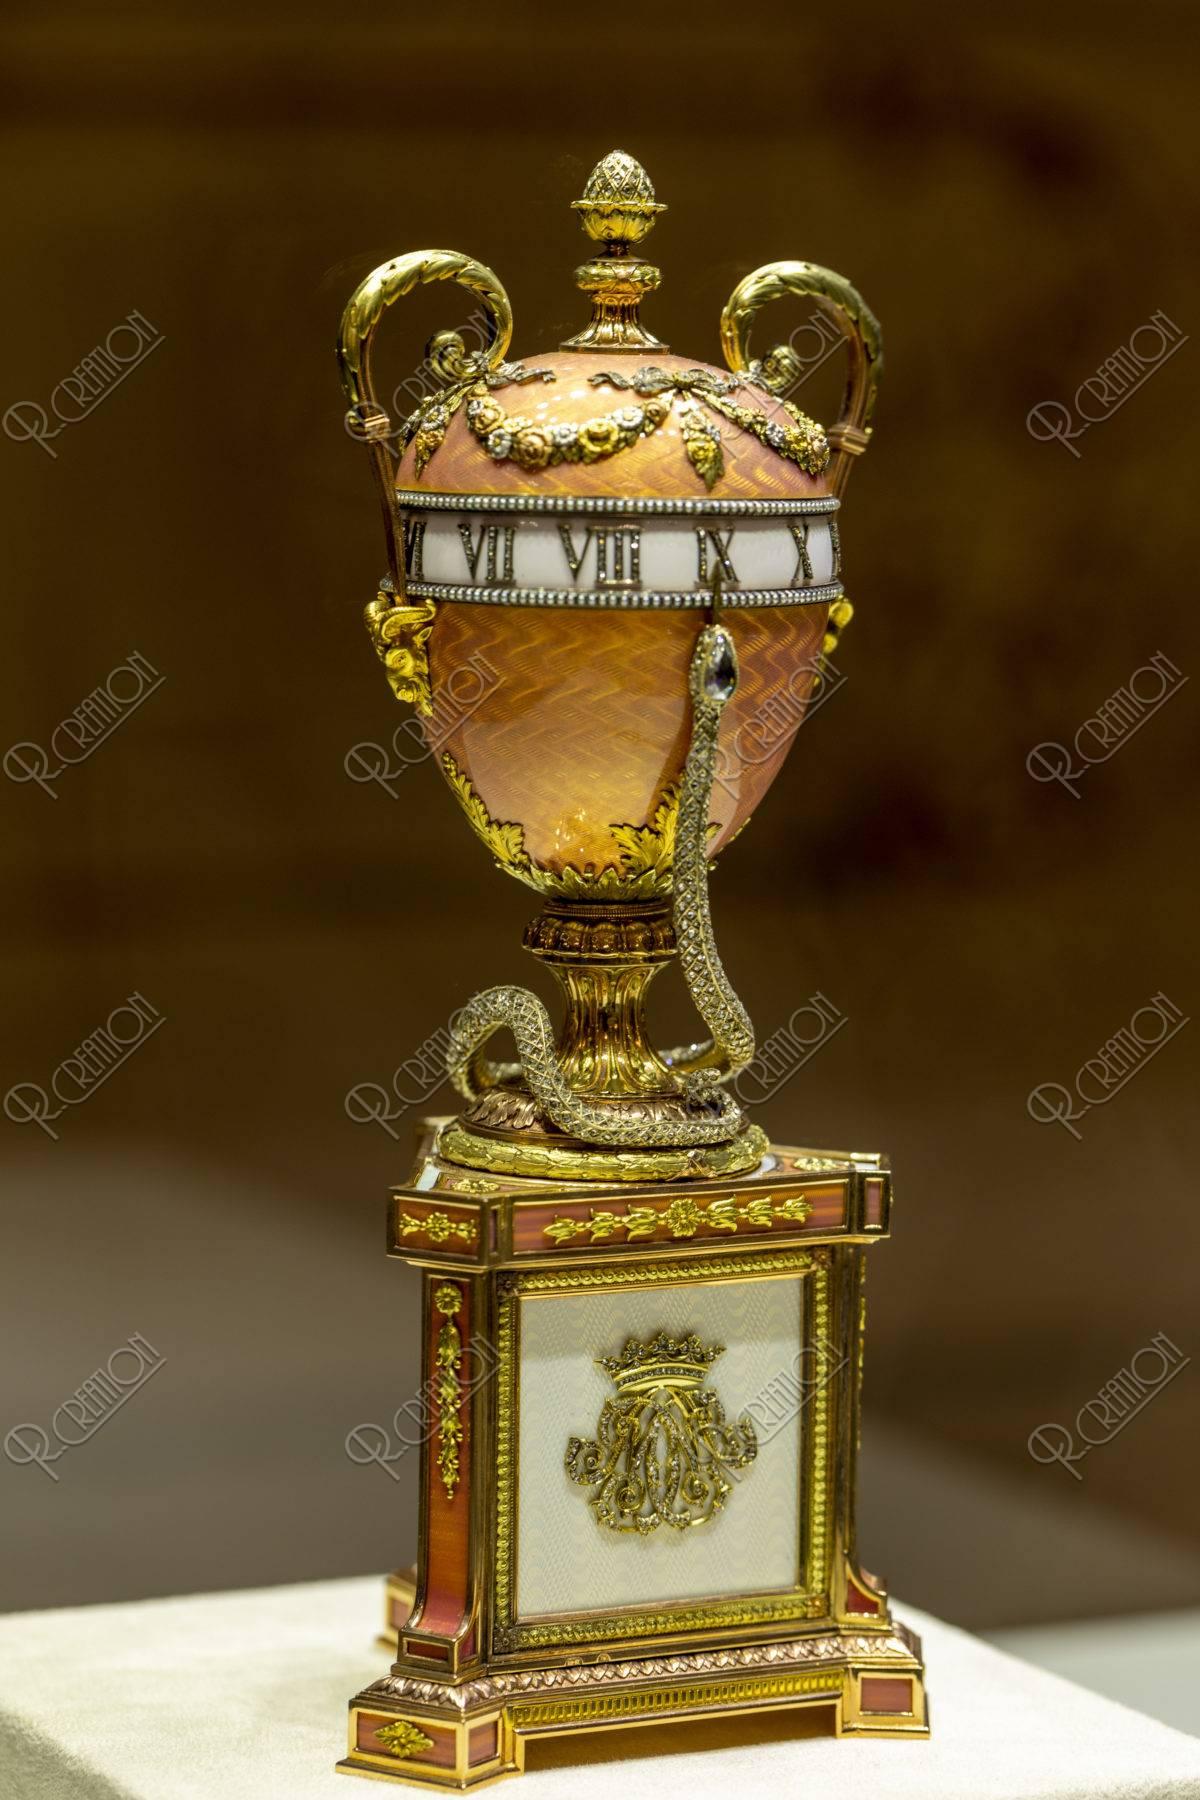 ファベルジェ博物館 イースターエッグ 百合の花束の時計